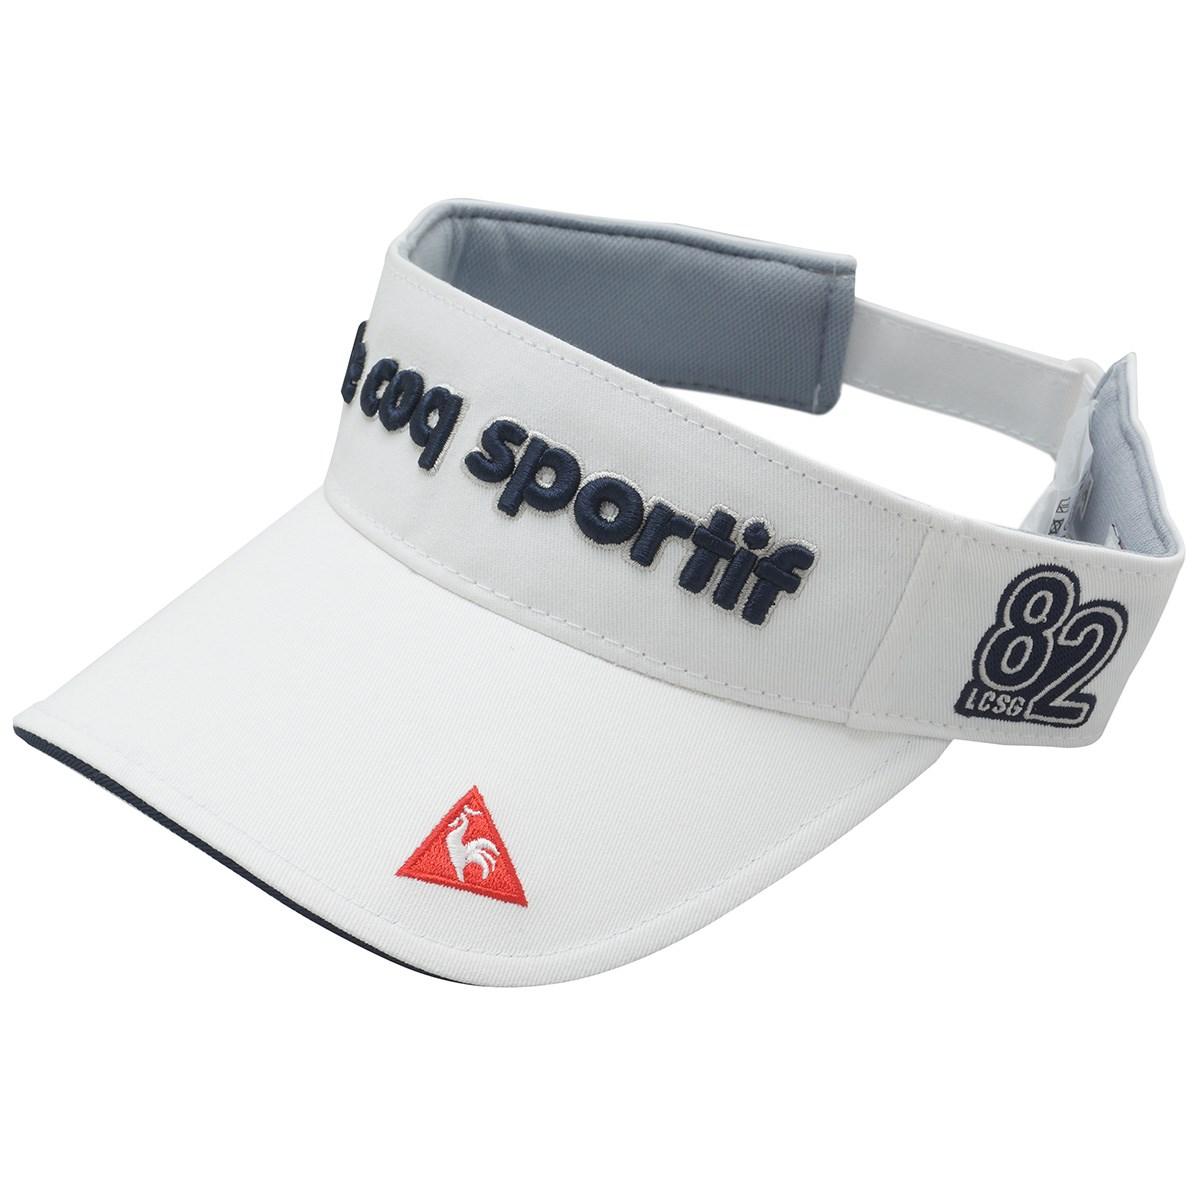 ルコックゴルフ Le coq sportif GOLF コットンツイルサンバイザー フリー ホワイト 00 レディス